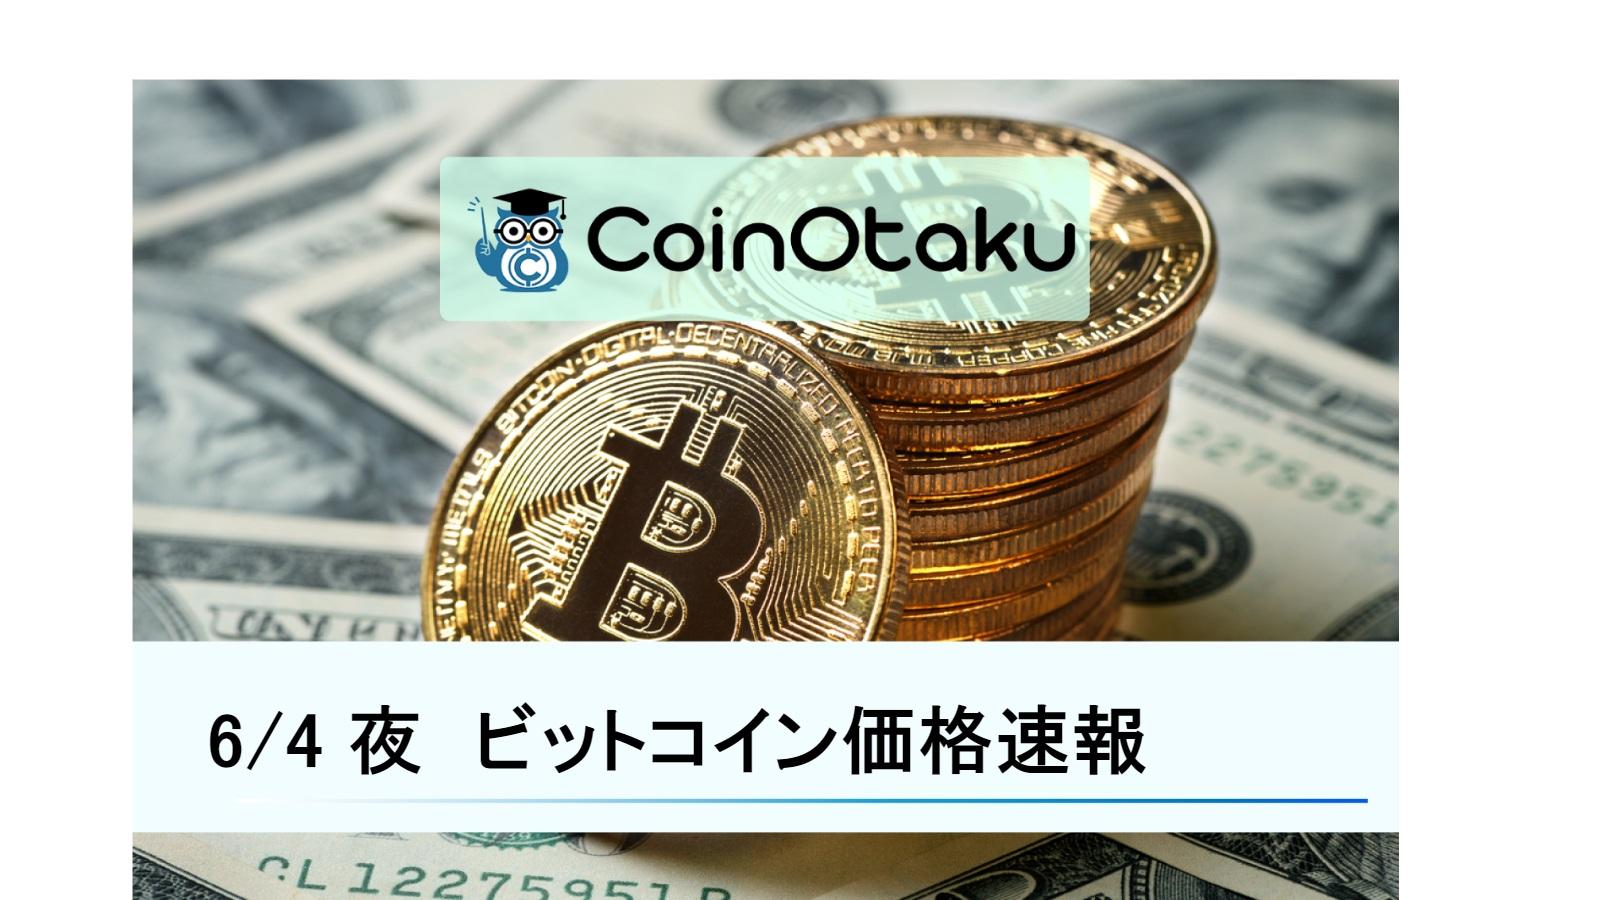 ビットコインを希少価値から計算したら、年は万円になった(ひろぴー): J-CAST 会社ウォッチ【全文表示】